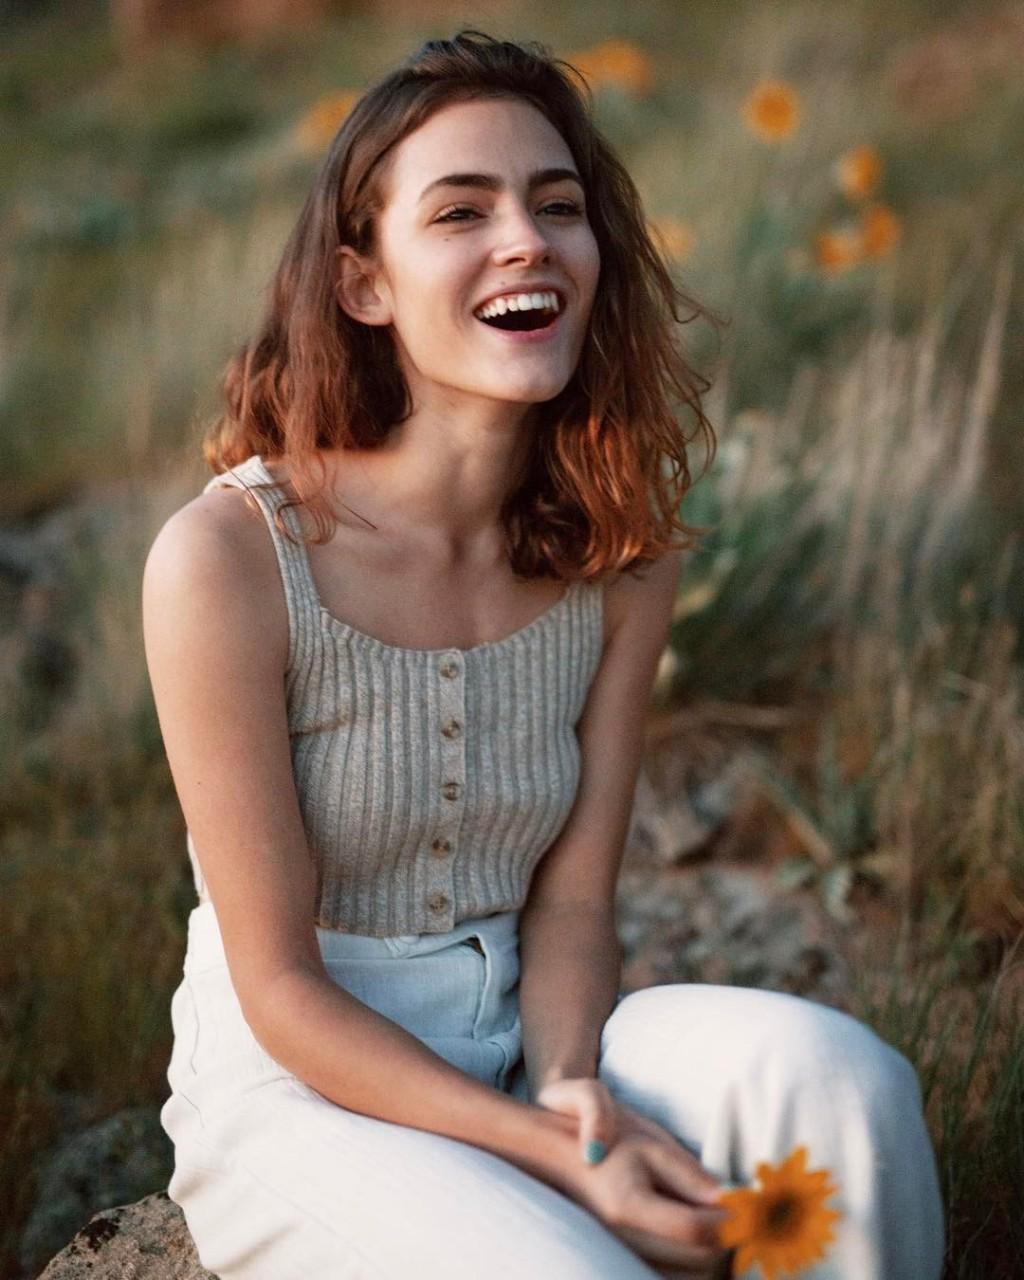 Чудесная портретная фотография Эллен Белл Хансен